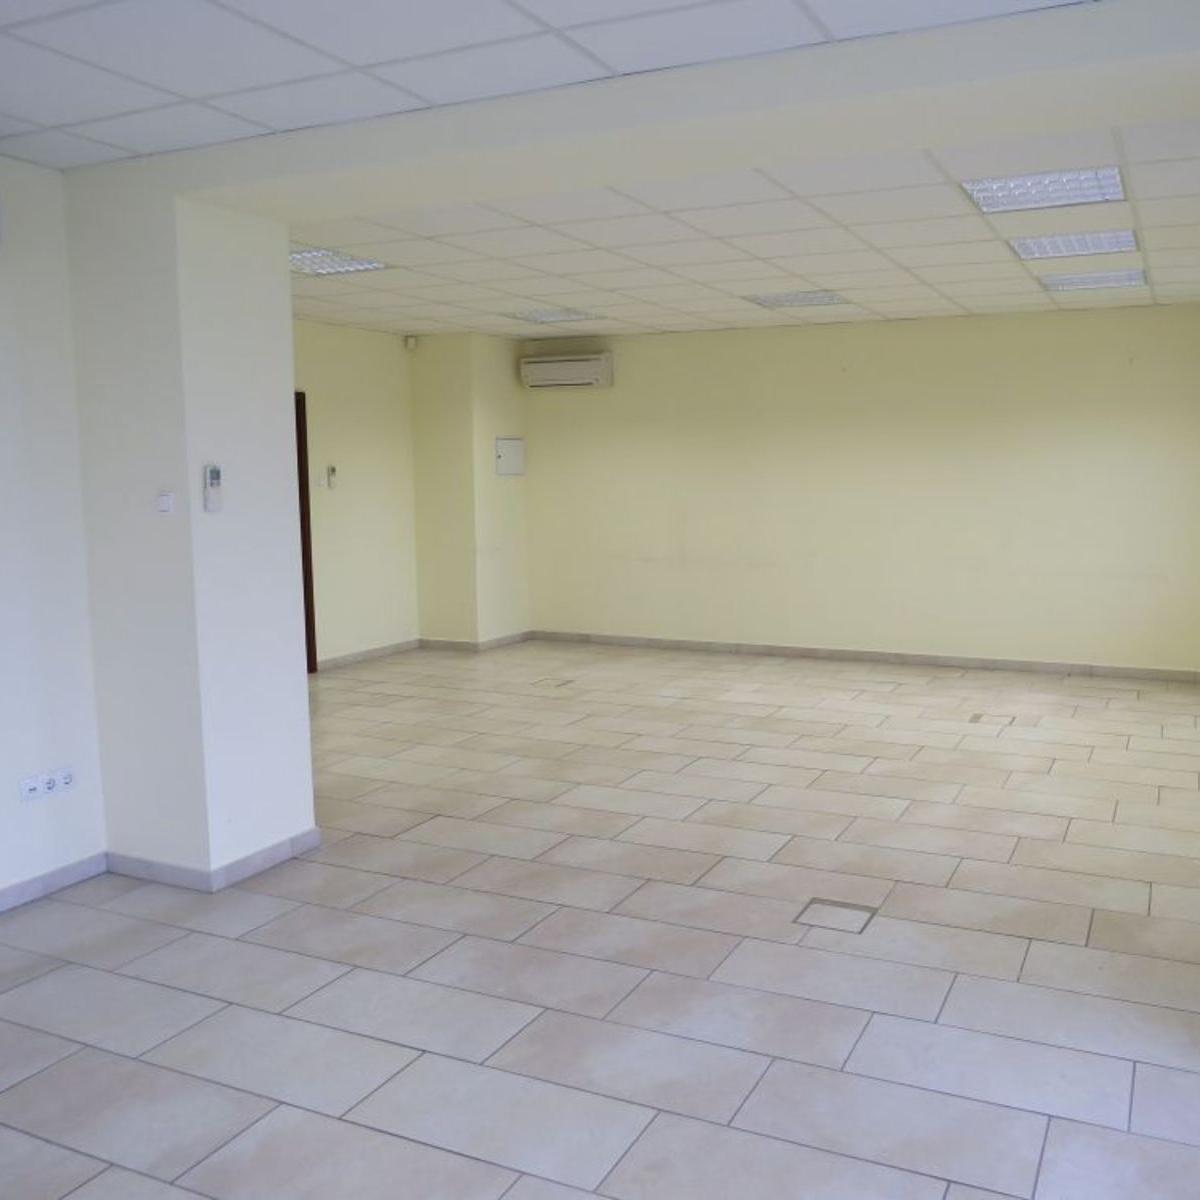 Kiadó  üzlethelyiség utcai bejáratos (Győr) 499 E  Ft/hó +ÁFA